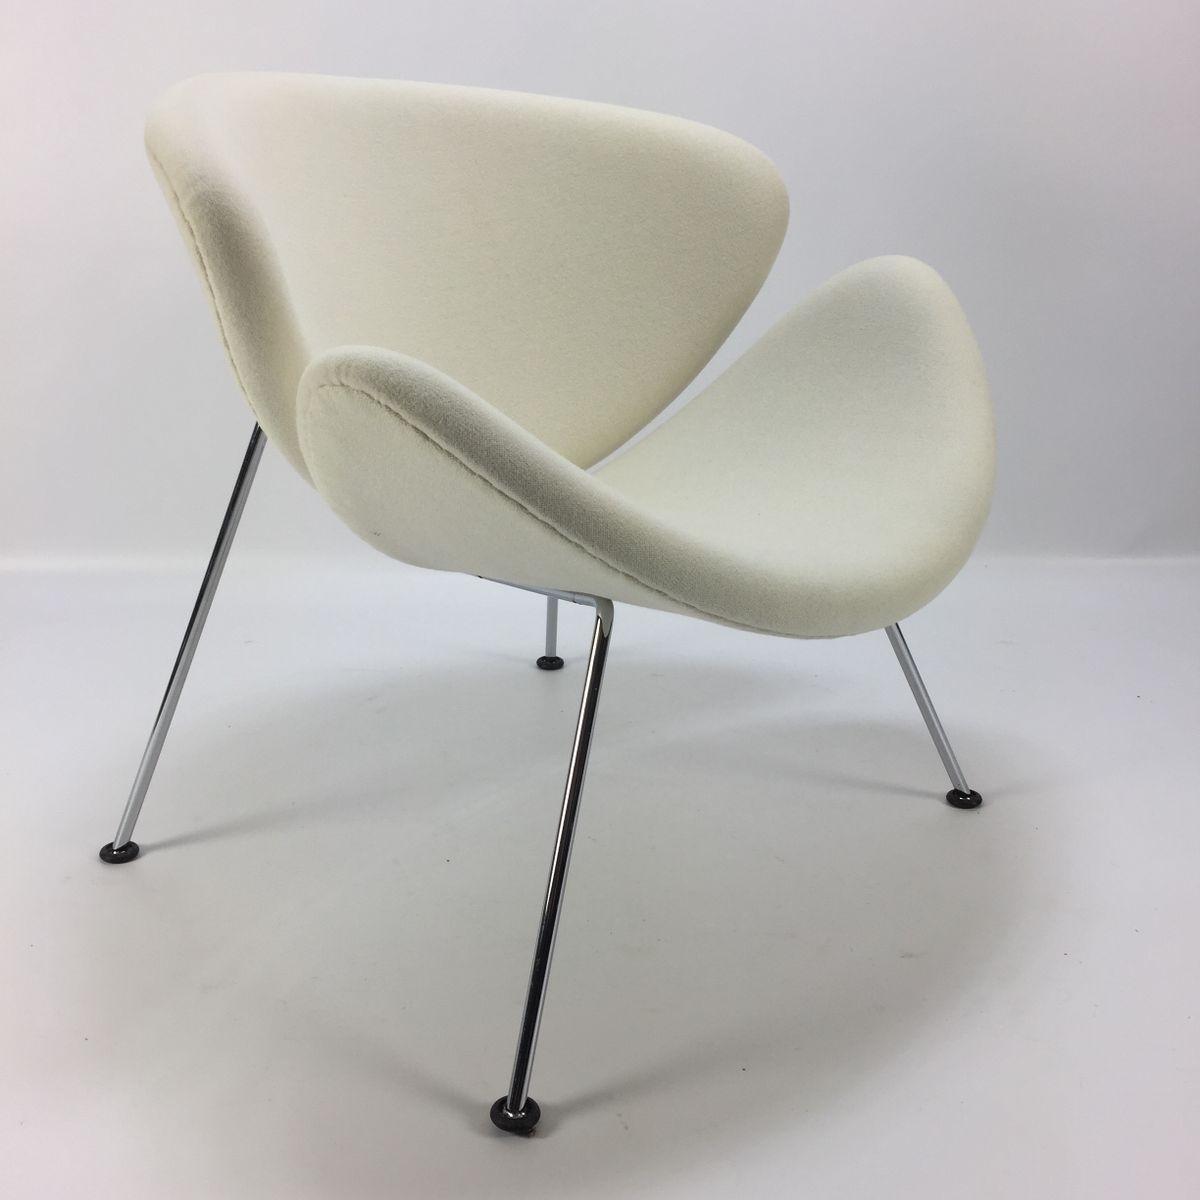 fauteuil slice orange vintage par pierre paulin pour artifort en vente sur pamono. Black Bedroom Furniture Sets. Home Design Ideas